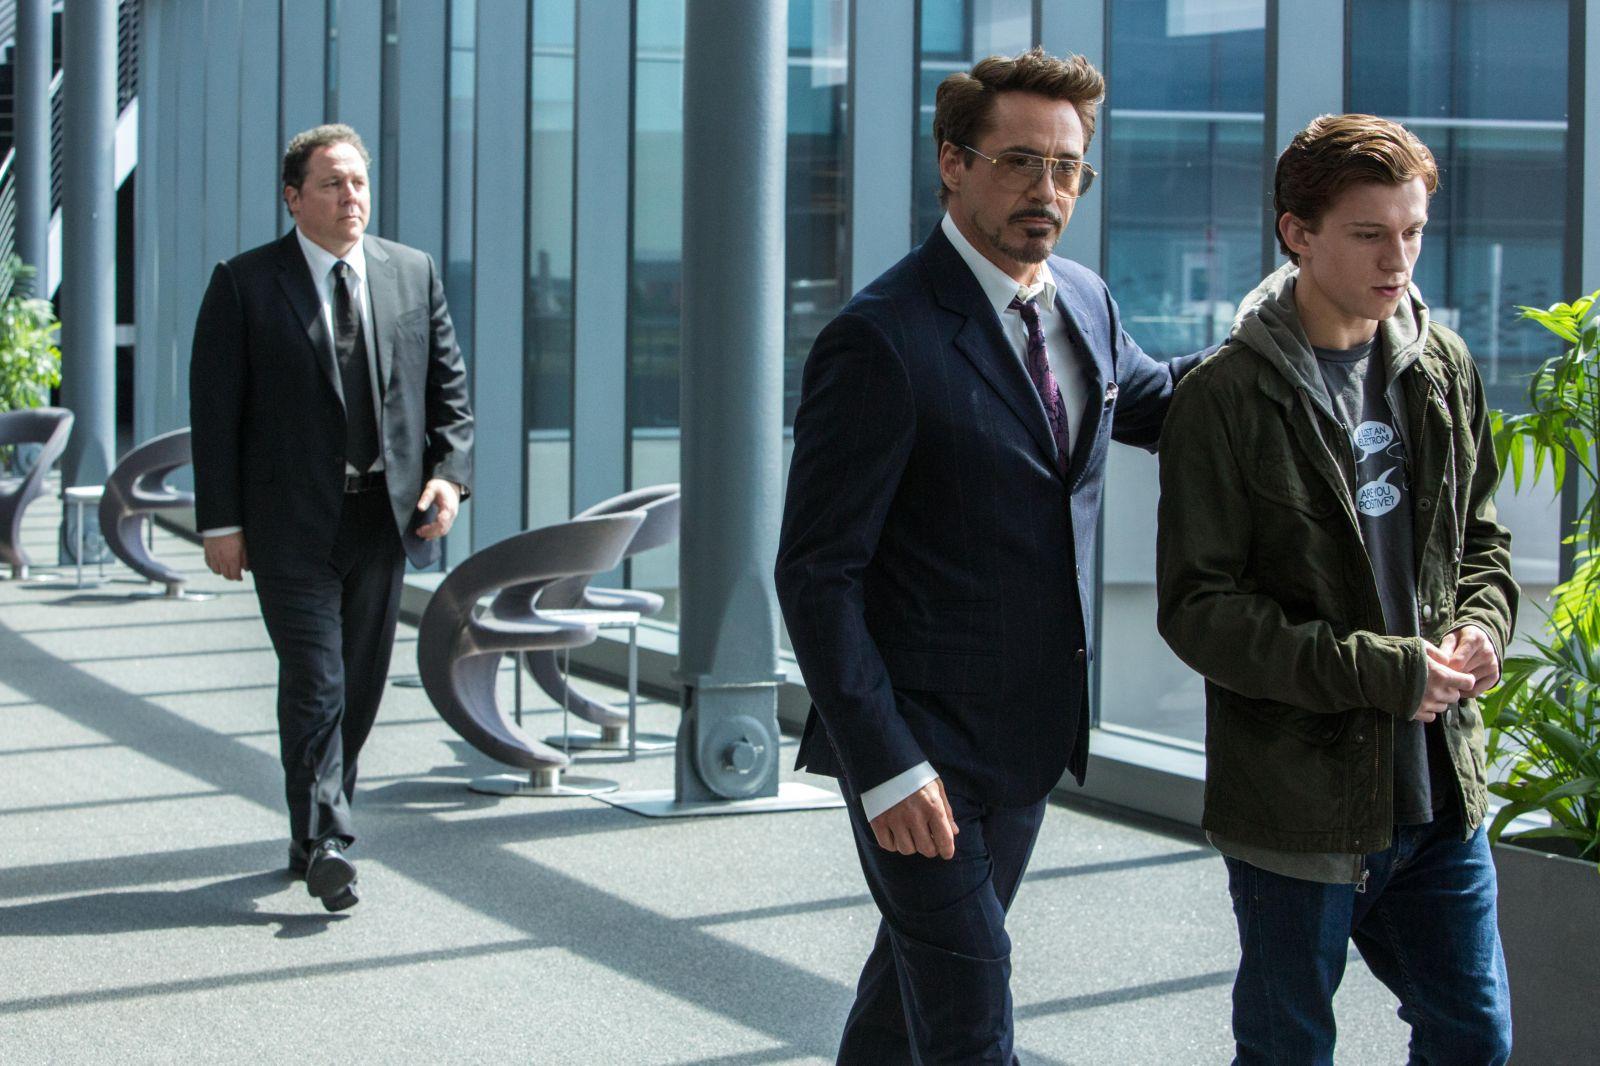 Кадр из фильма «Человек-паук: Возвращение домой